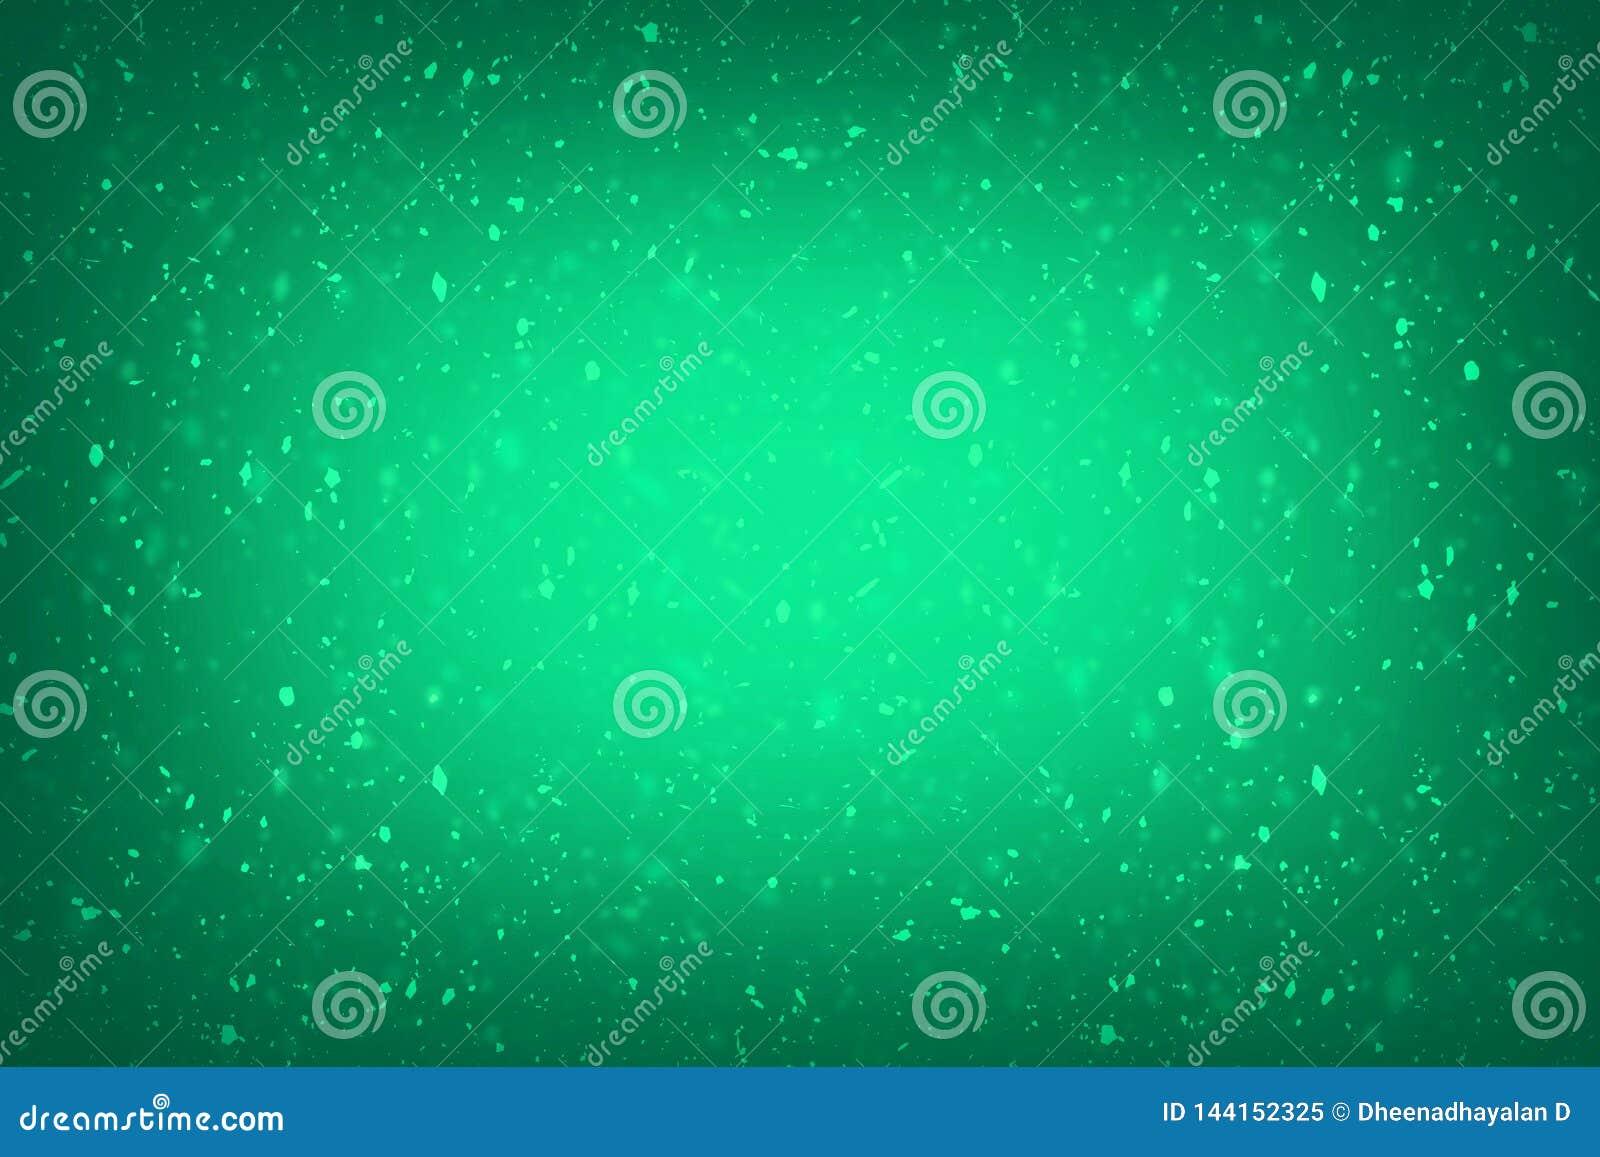 Dise?o rico de lujo verde de la textura del fondo del grunge del vintage del fondo verde abstracto con la pintura antigua elegant